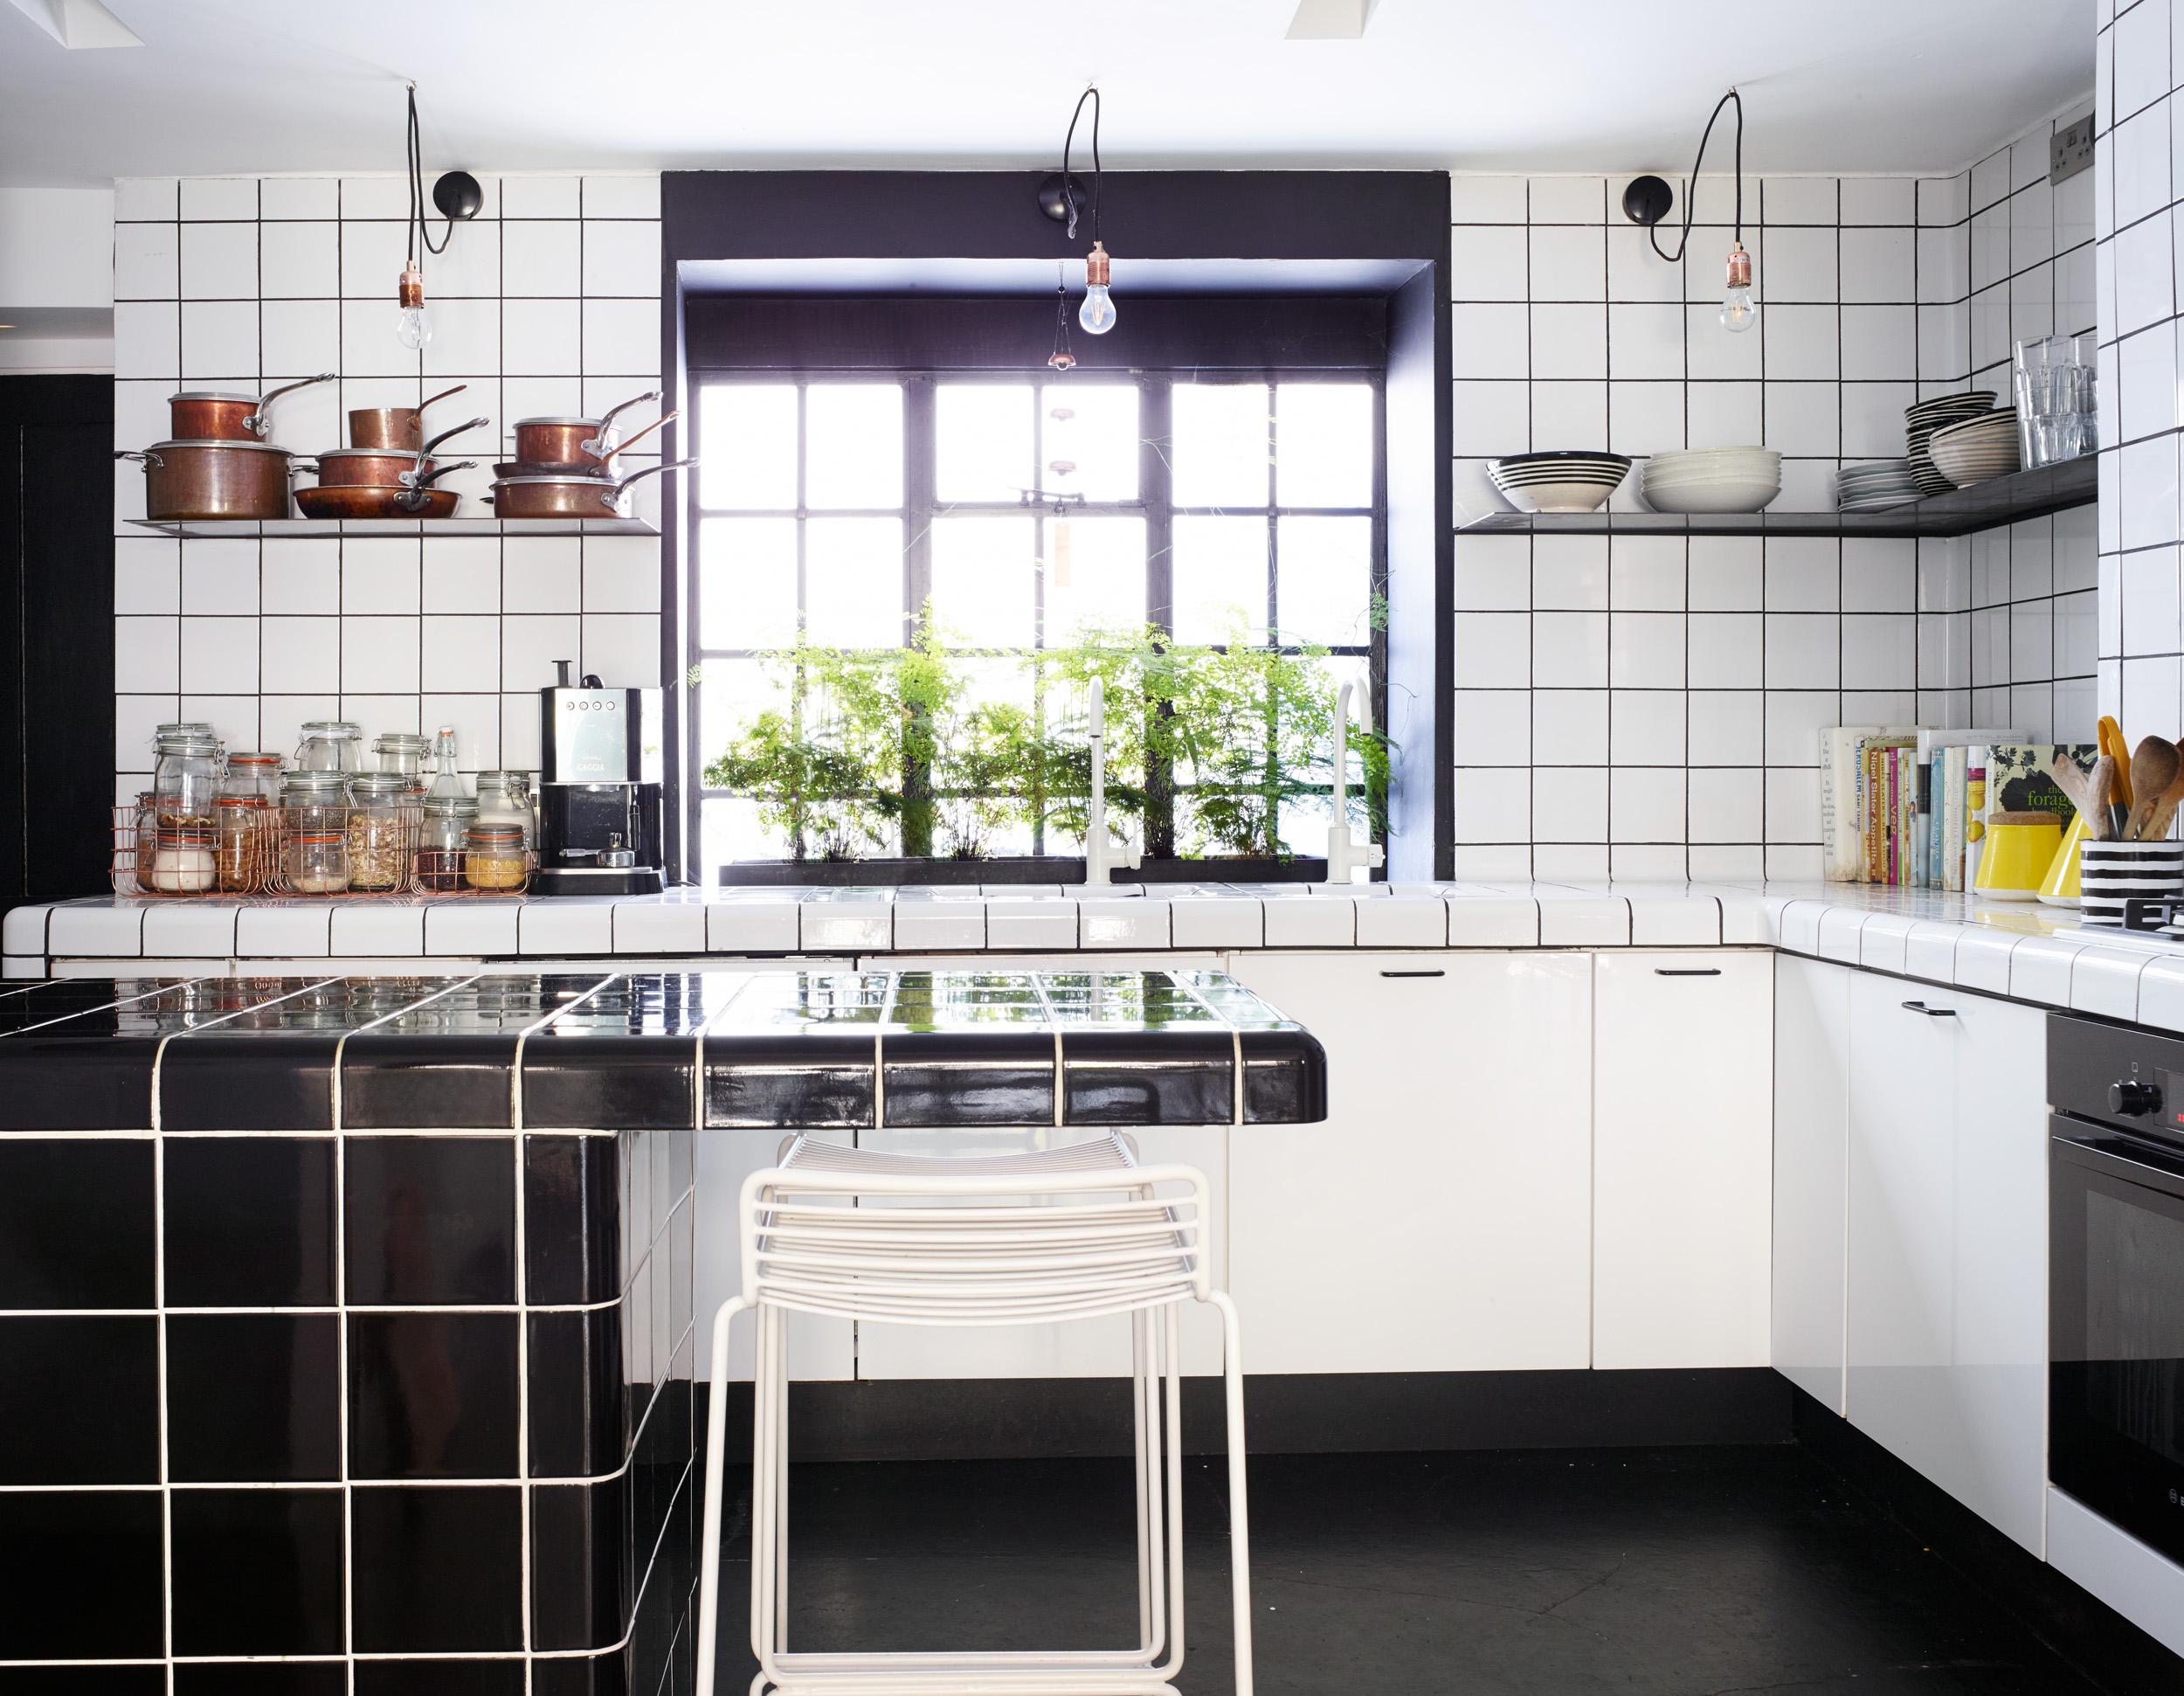 rachael-smith-interiors-14122019-054